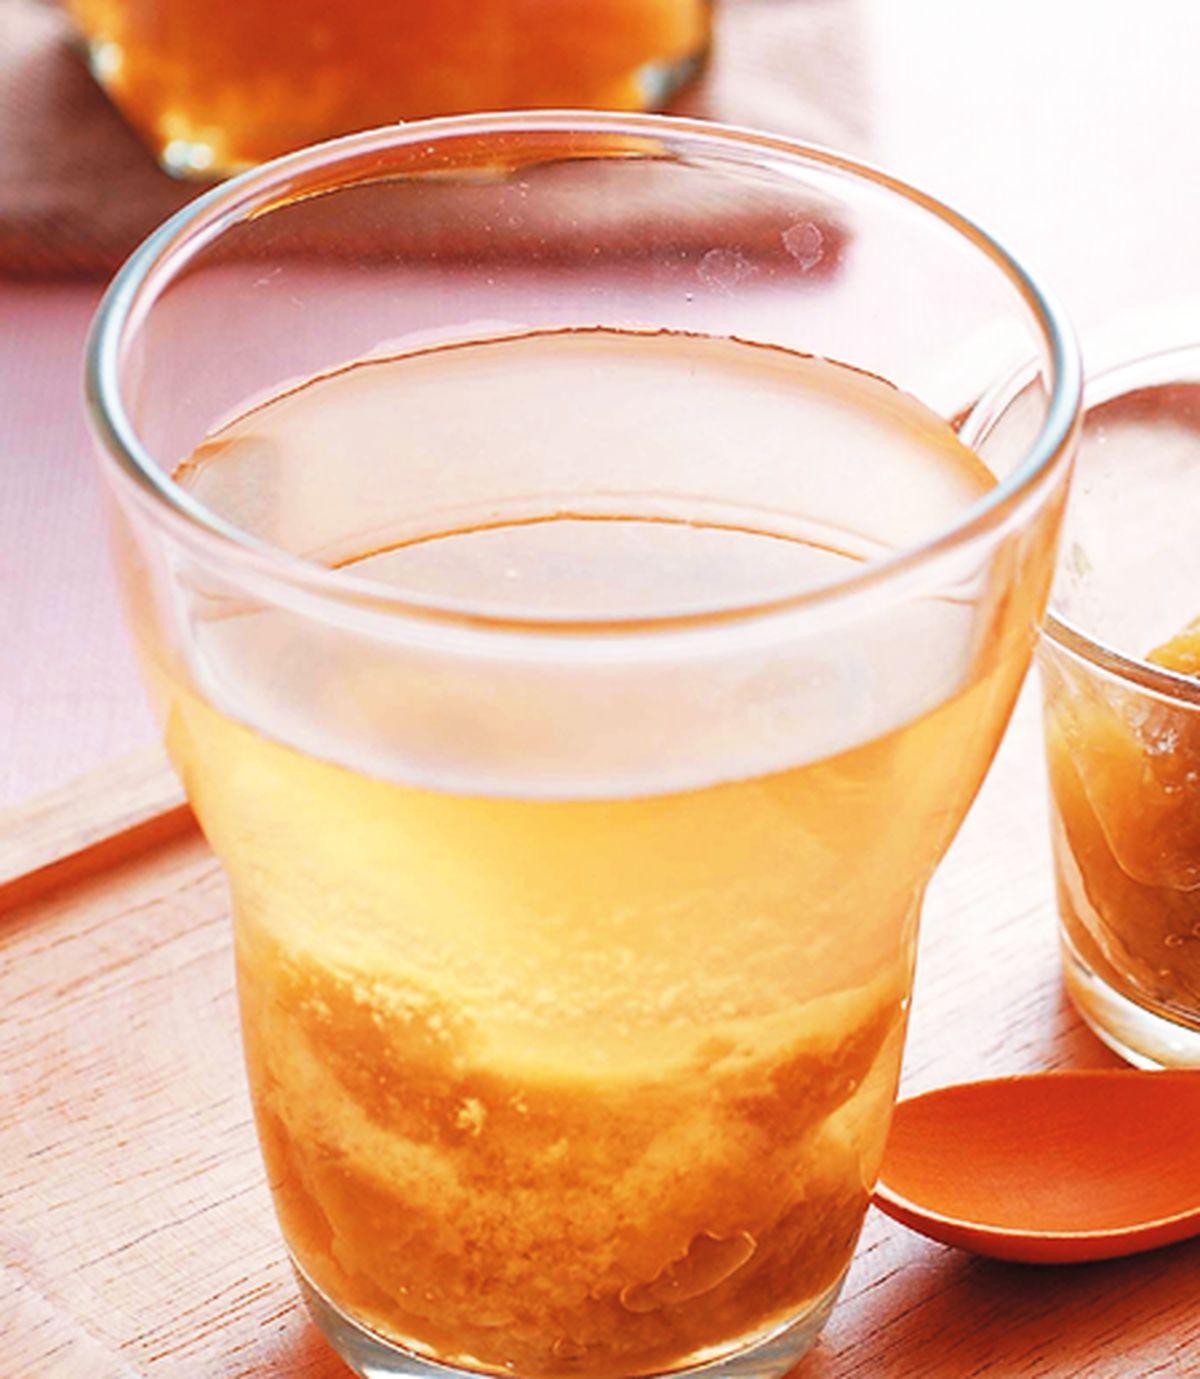 食譜:酒梅情人果醬